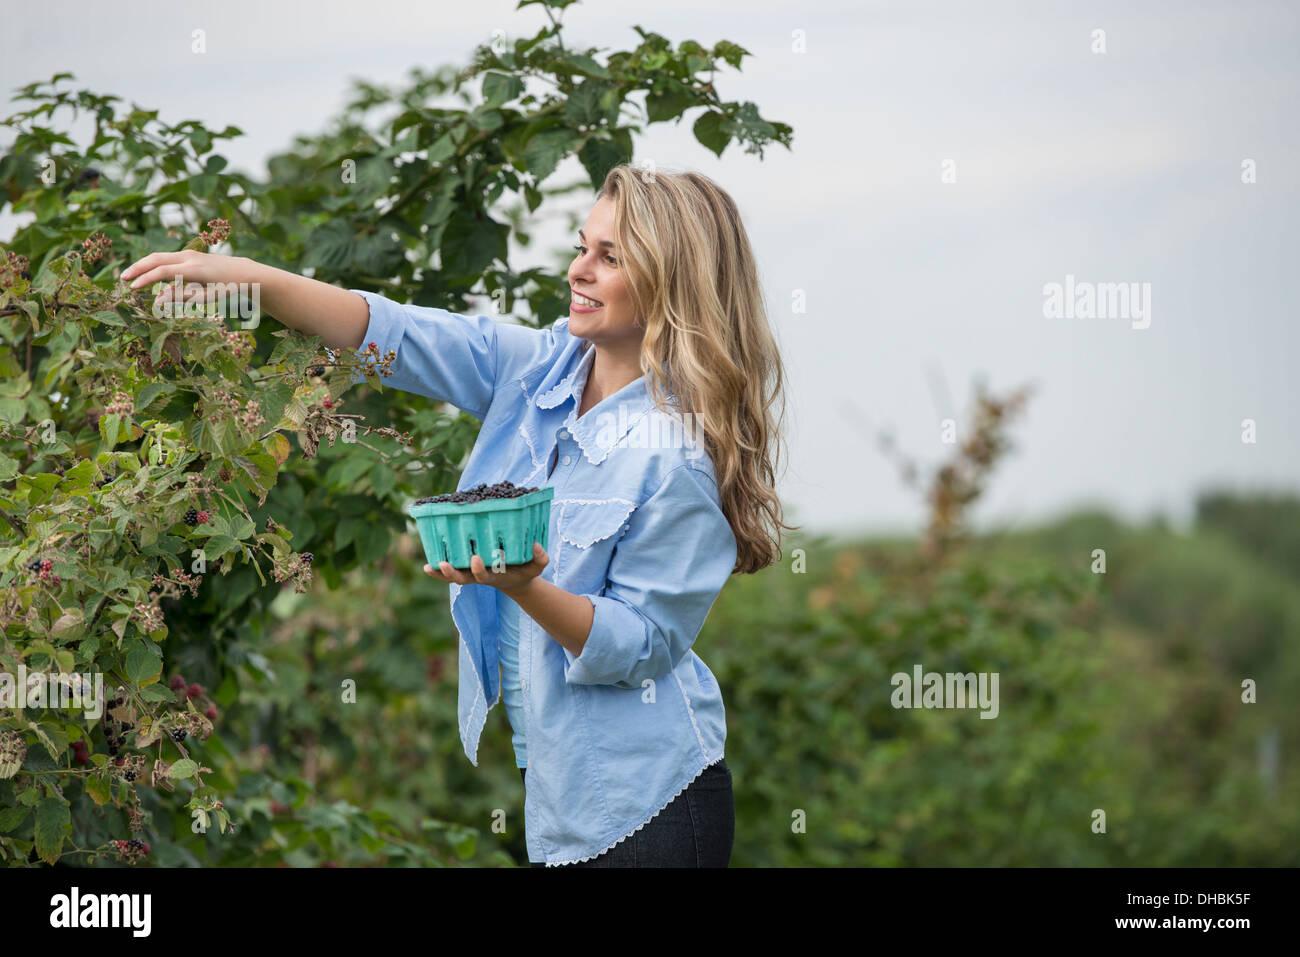 Una mujer hasta llegar a recoger las bayas de un arbusto de Blackberry en una granja de frutas orgánicas. Imagen De Stock